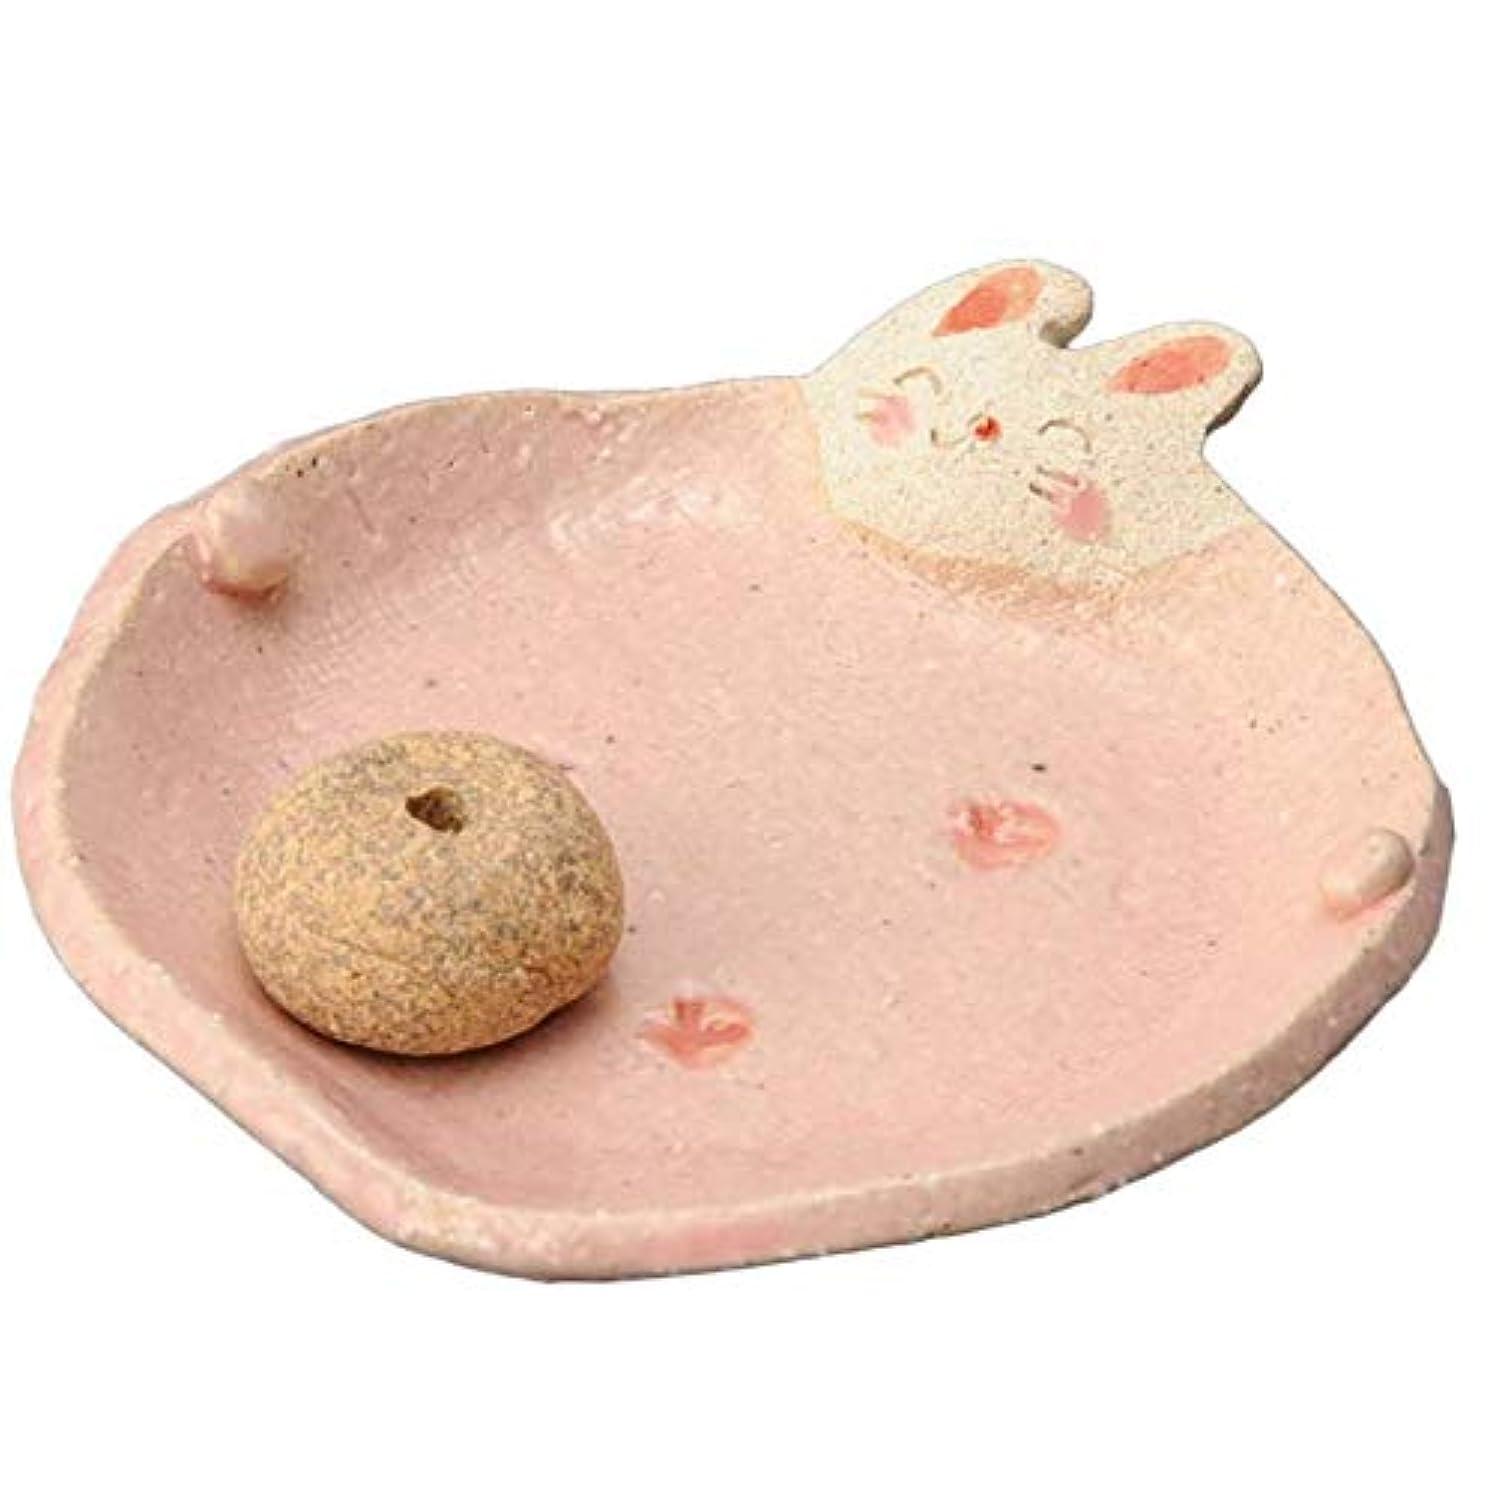 クリケット観光に行く首相手造り 香皿 香立て/ふっくら 香皿(ウサギ) /香り アロマ 癒やし リラックス インテリア プレゼント 贈り物